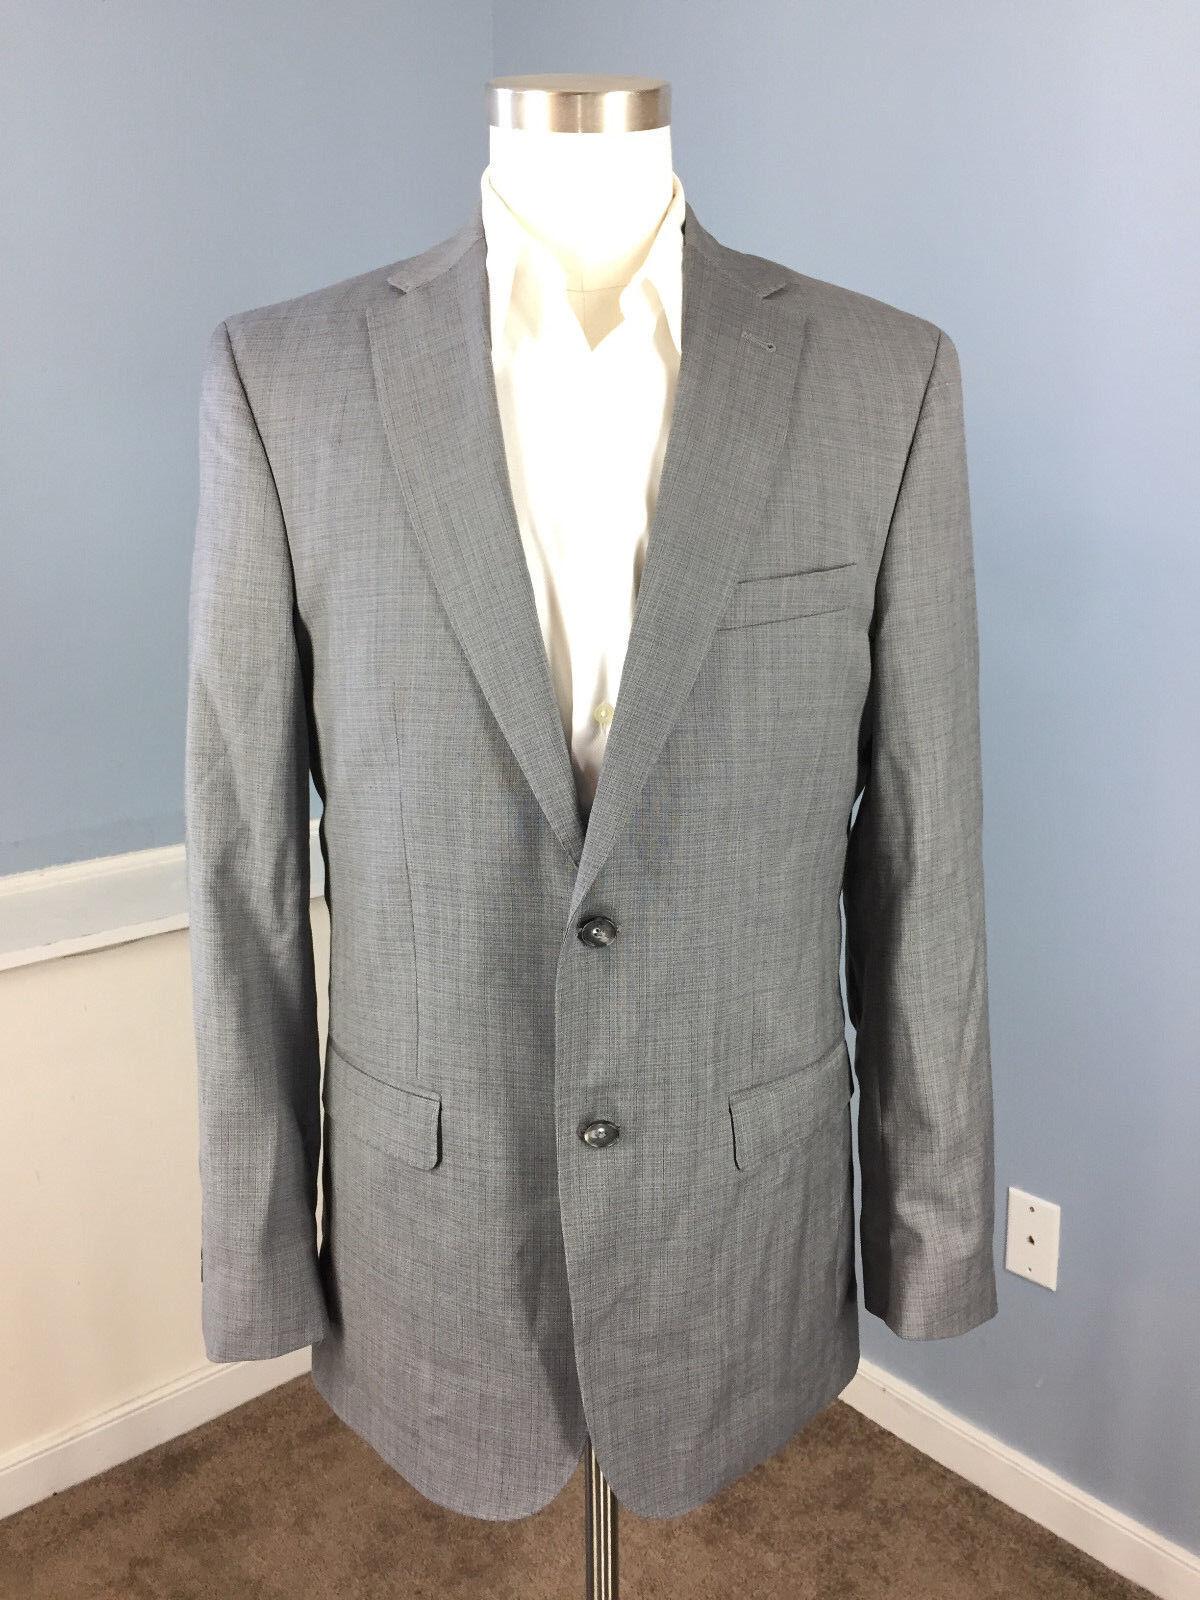 Joseph JOS A BANK Slim Fit grau  Suit 40 L WOOL Flat 33 Waist Excellent